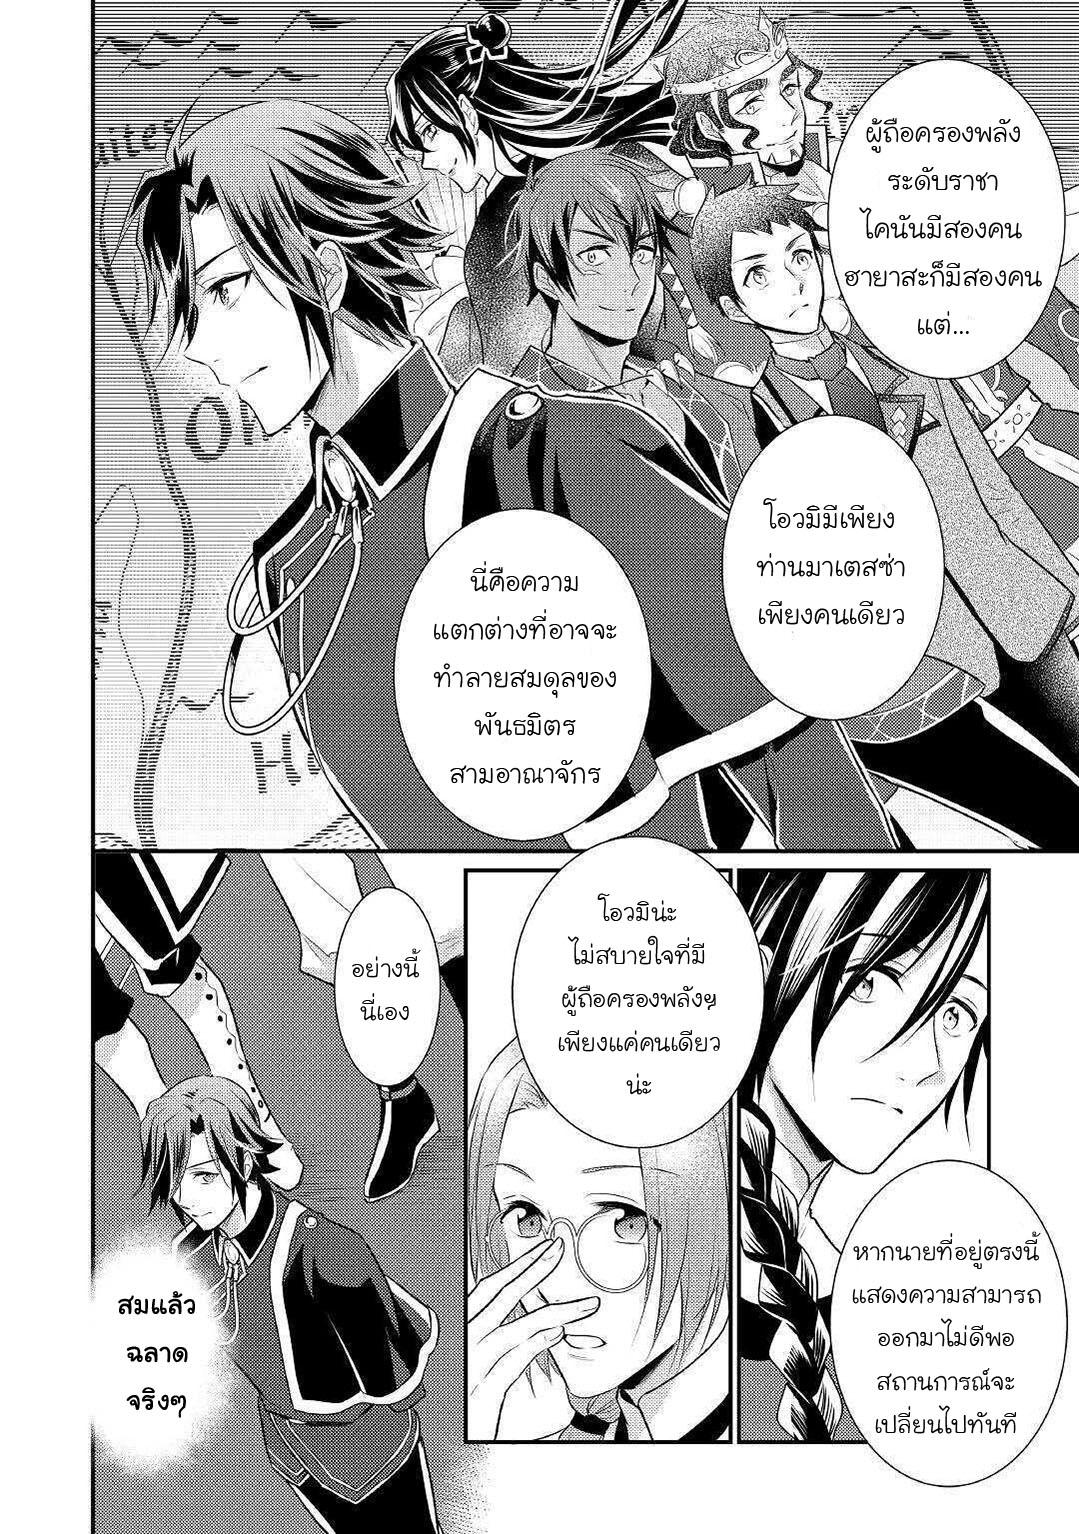 อ่านการ์ตูน Daites Ryou Koubouki ตอนที่ 27 หน้าที่ 10